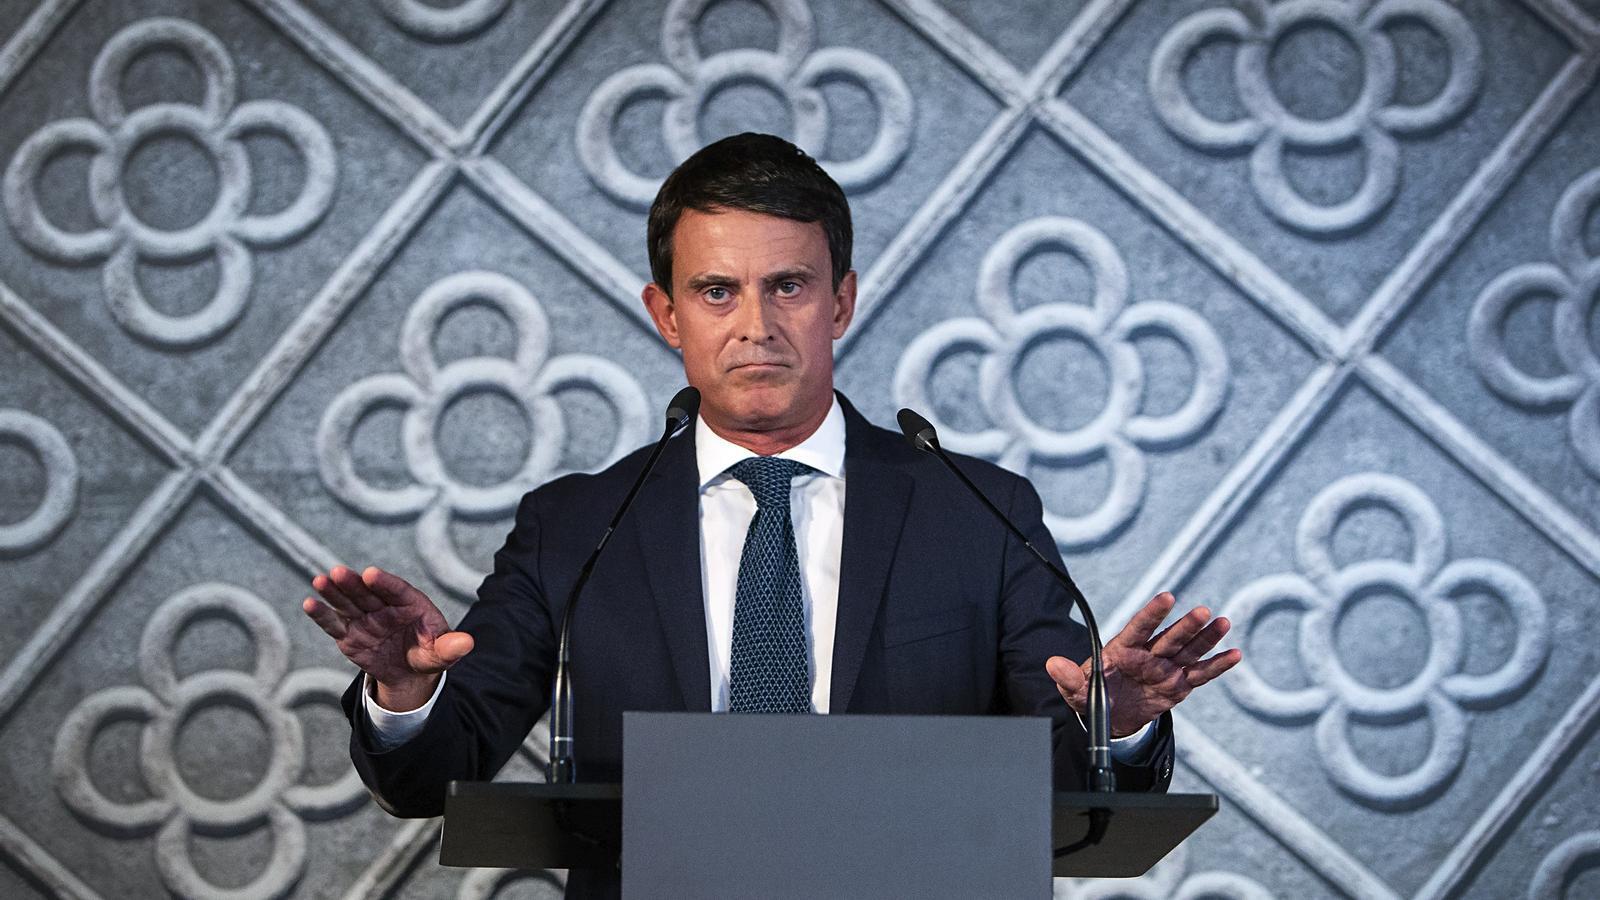 Operació Manuel Valls: així es va finançar la seva campanya